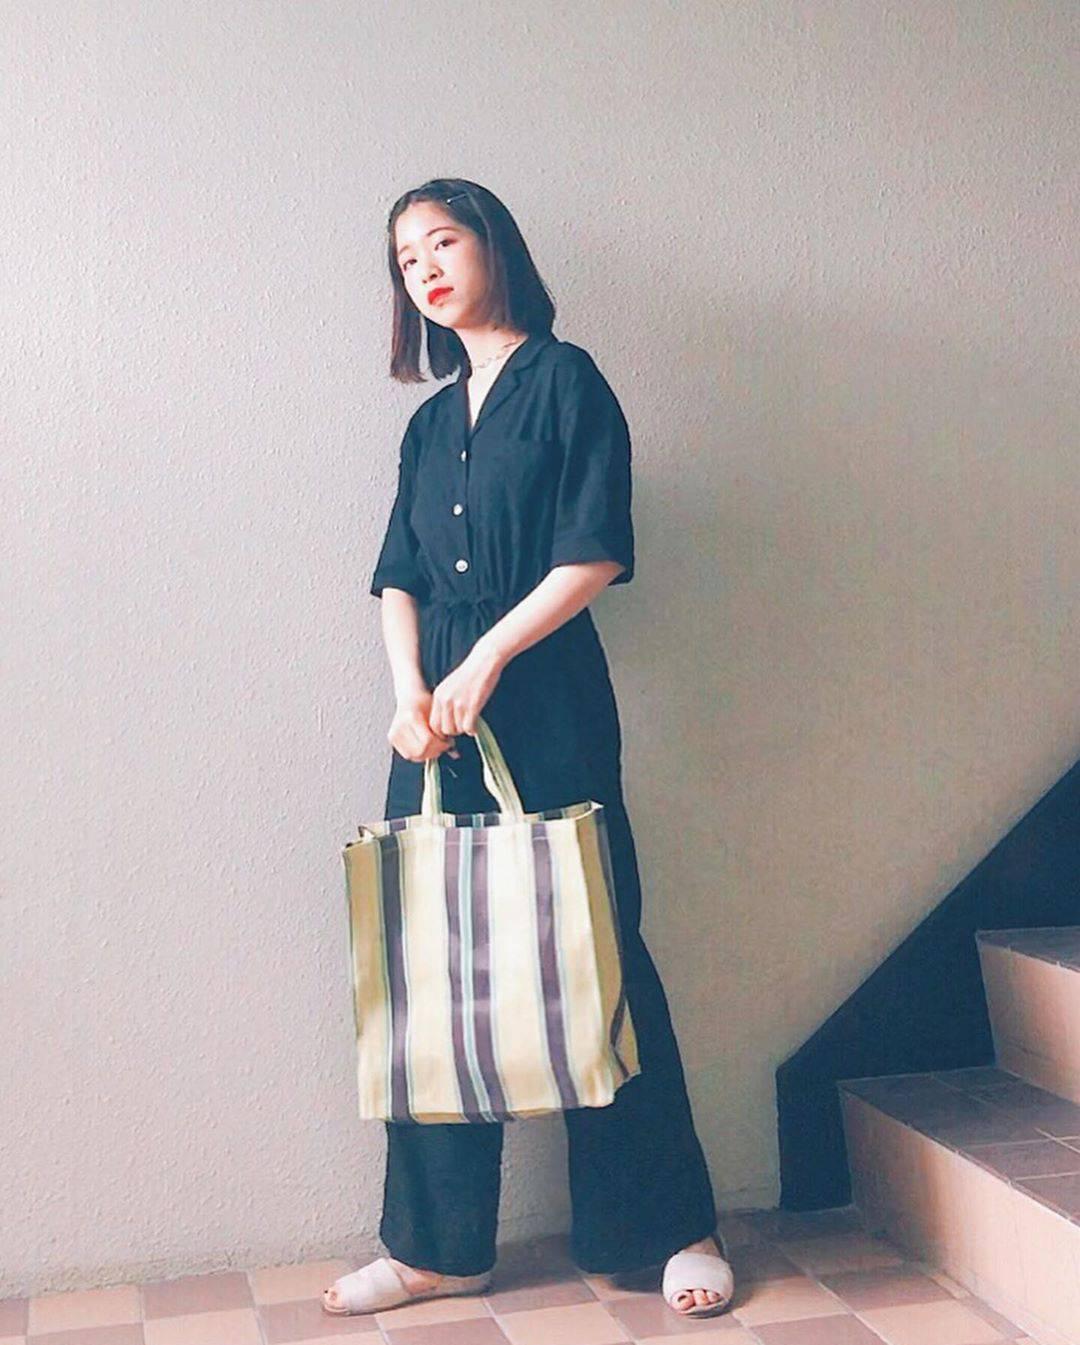 最高気温25度・最低気温19度 natsu_outfitsの服装